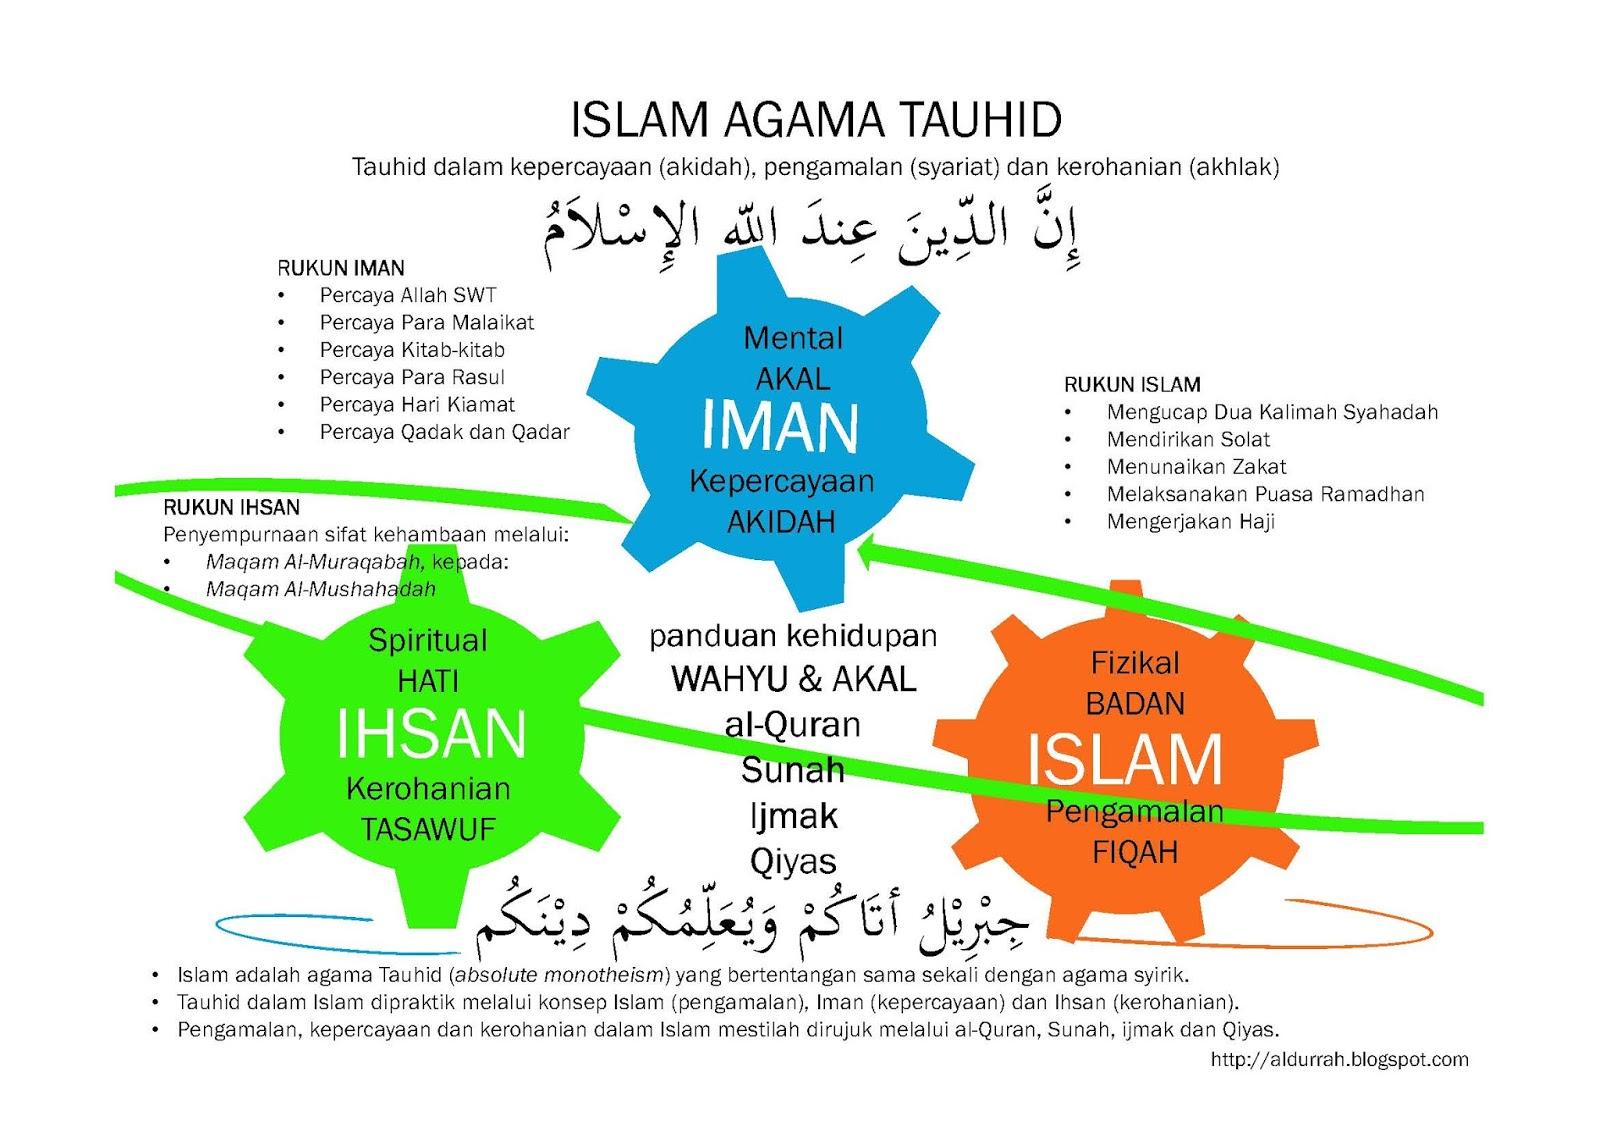 QUTBAH ABDULLAH: PENGERTIAN IMAN, ISLAM DAN IHSAN